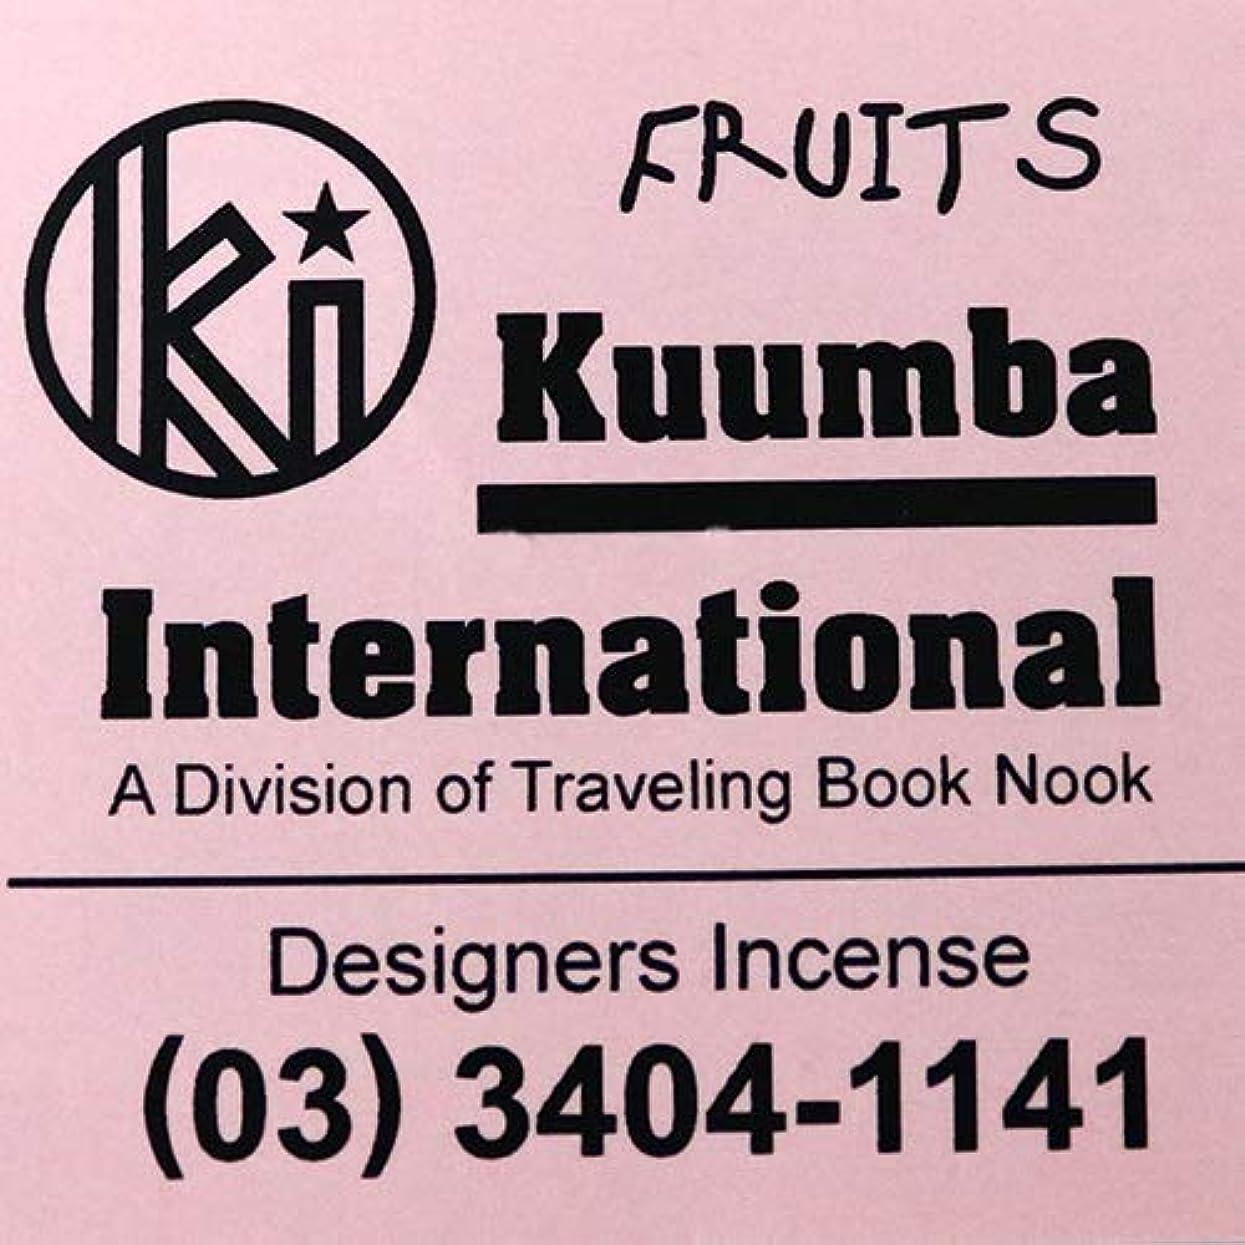 道路を作るプロセスヒップ極めて(クンバ) KUUMBA『incense』(FRUITS) (FRUITS, Regular size)